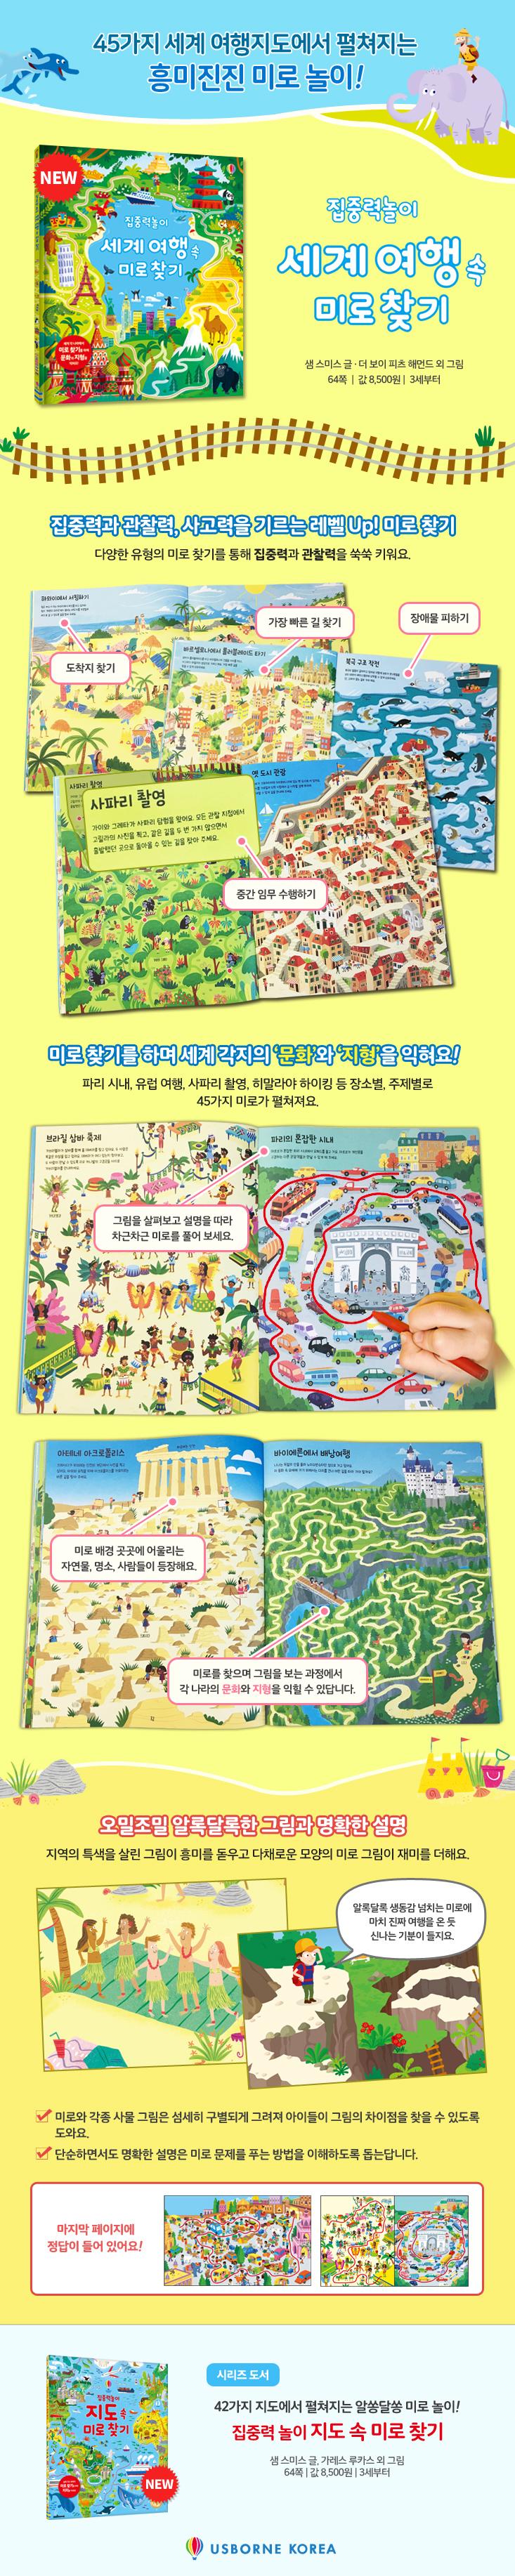 around_the_world_maze_book